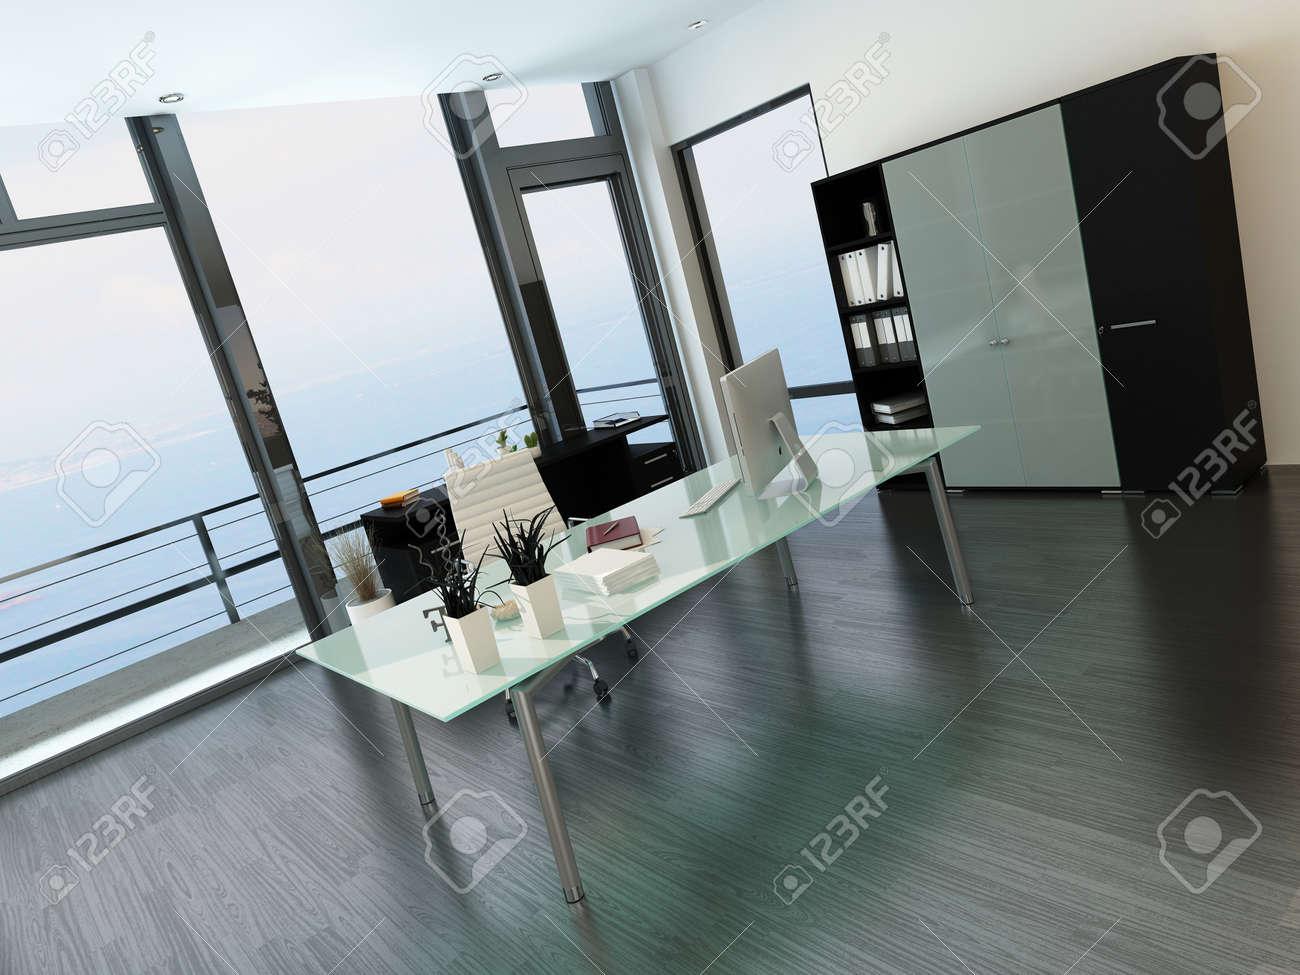 Intérieur de bureaux moderne avec un bureau en verre et fenêtre